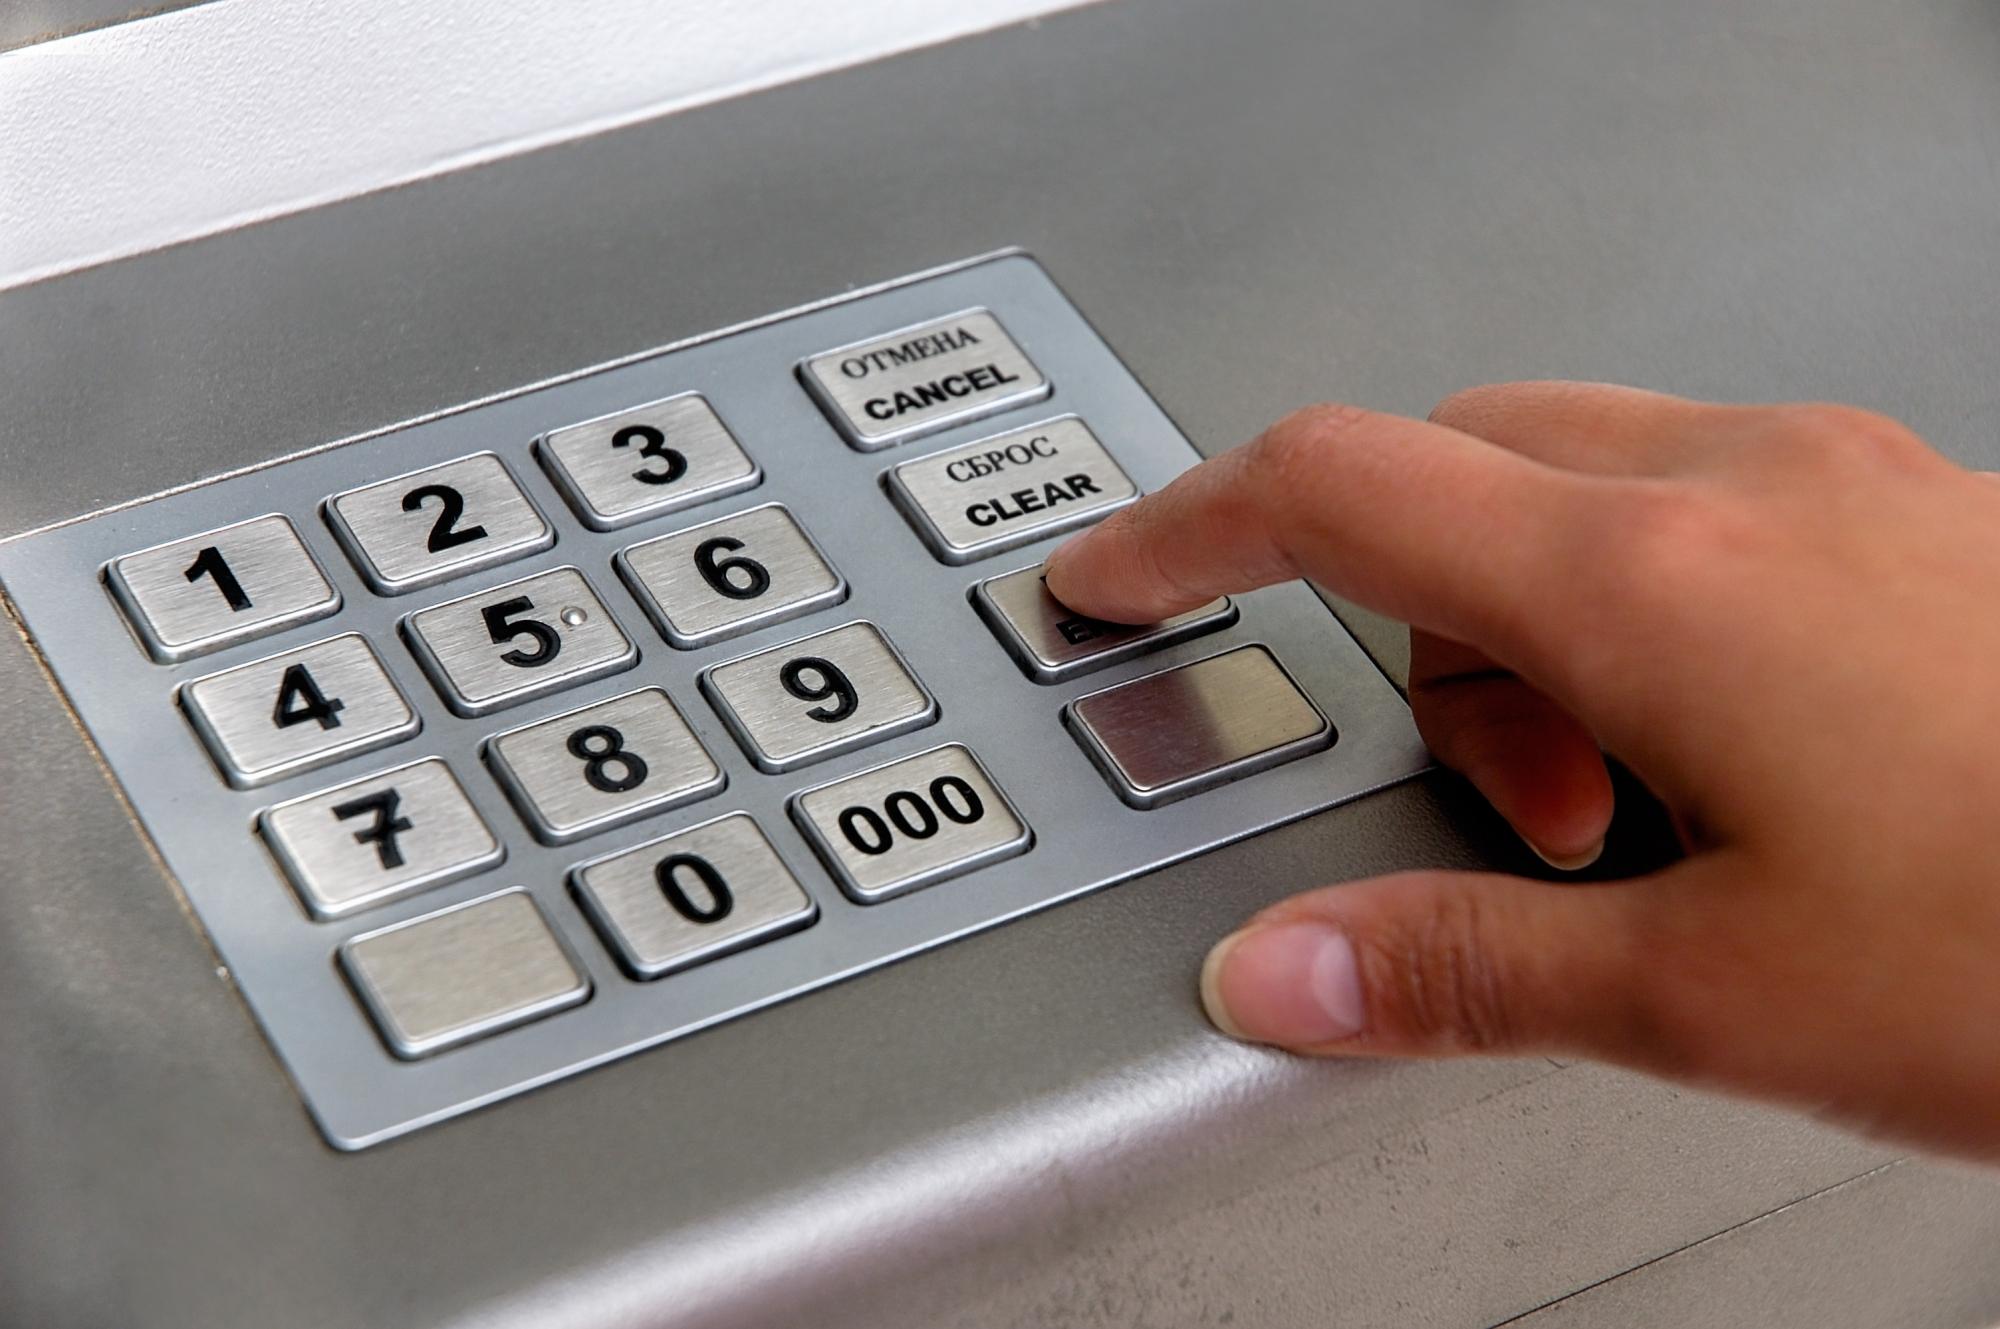 фото банковской клавиатуры